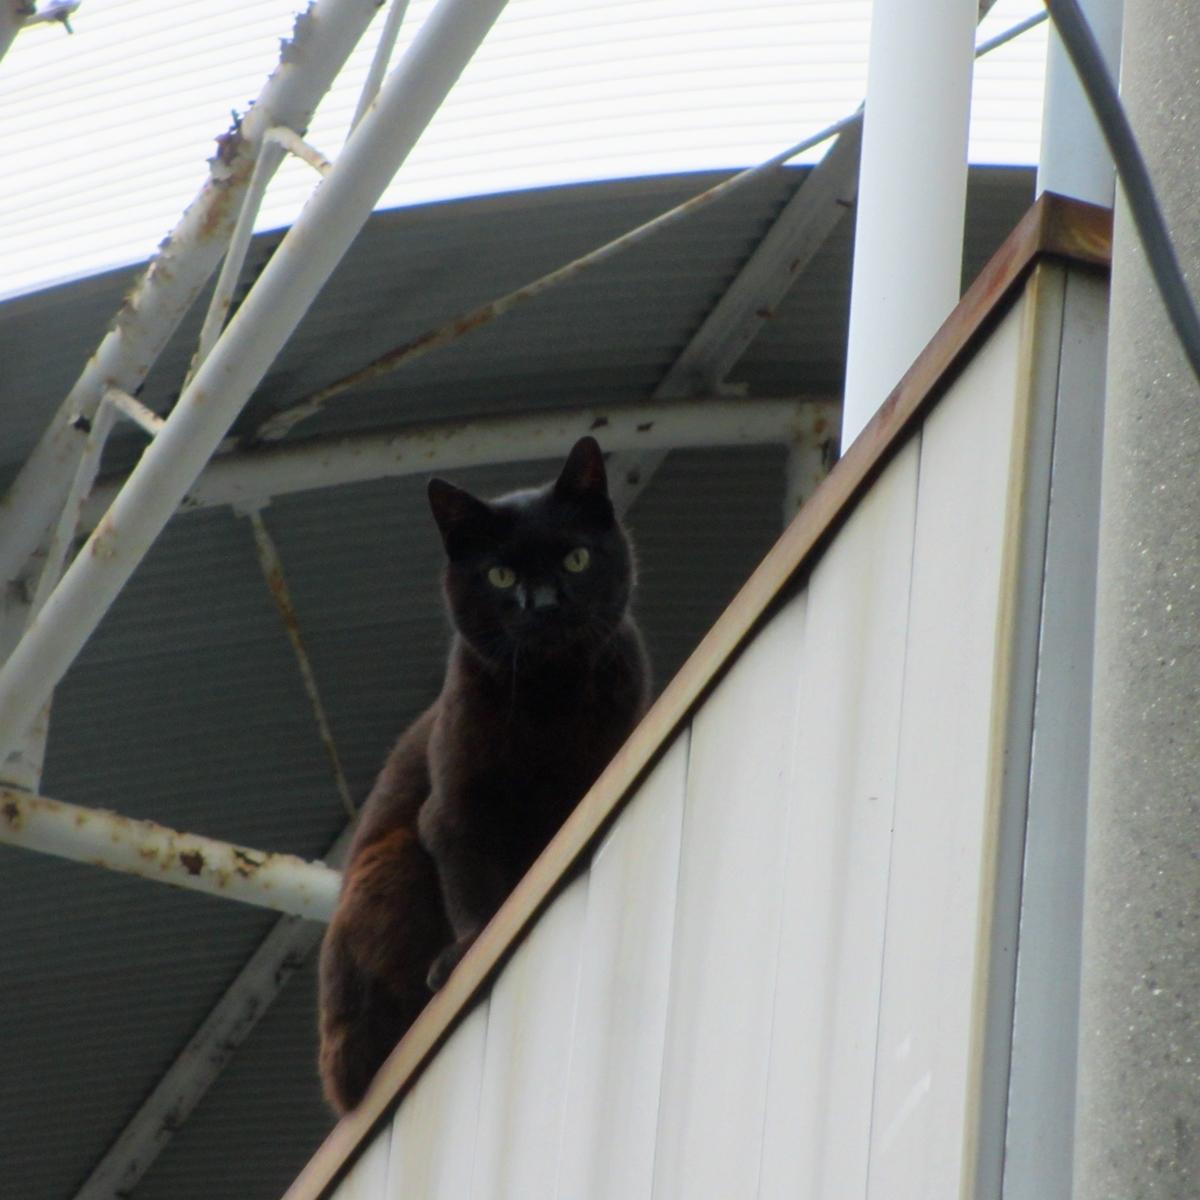 天空からのご指名か?黒猫から呼び止められました20150617-02